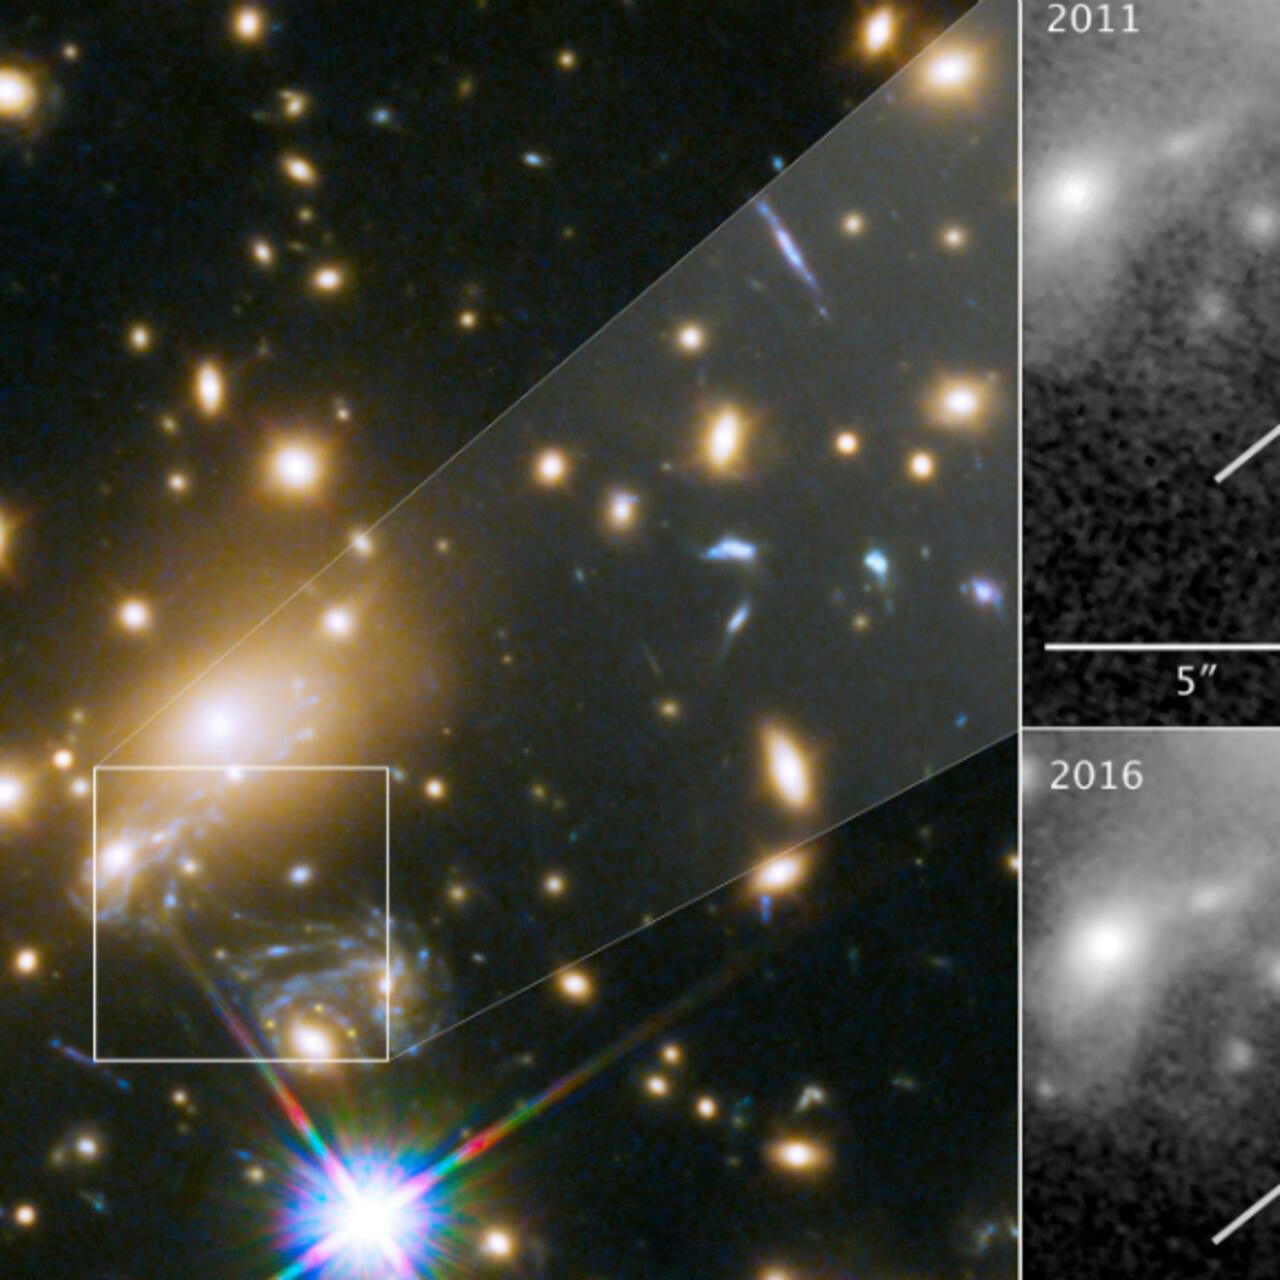 Equipo de la NASA descubre la estrella más lejana jamás detectada